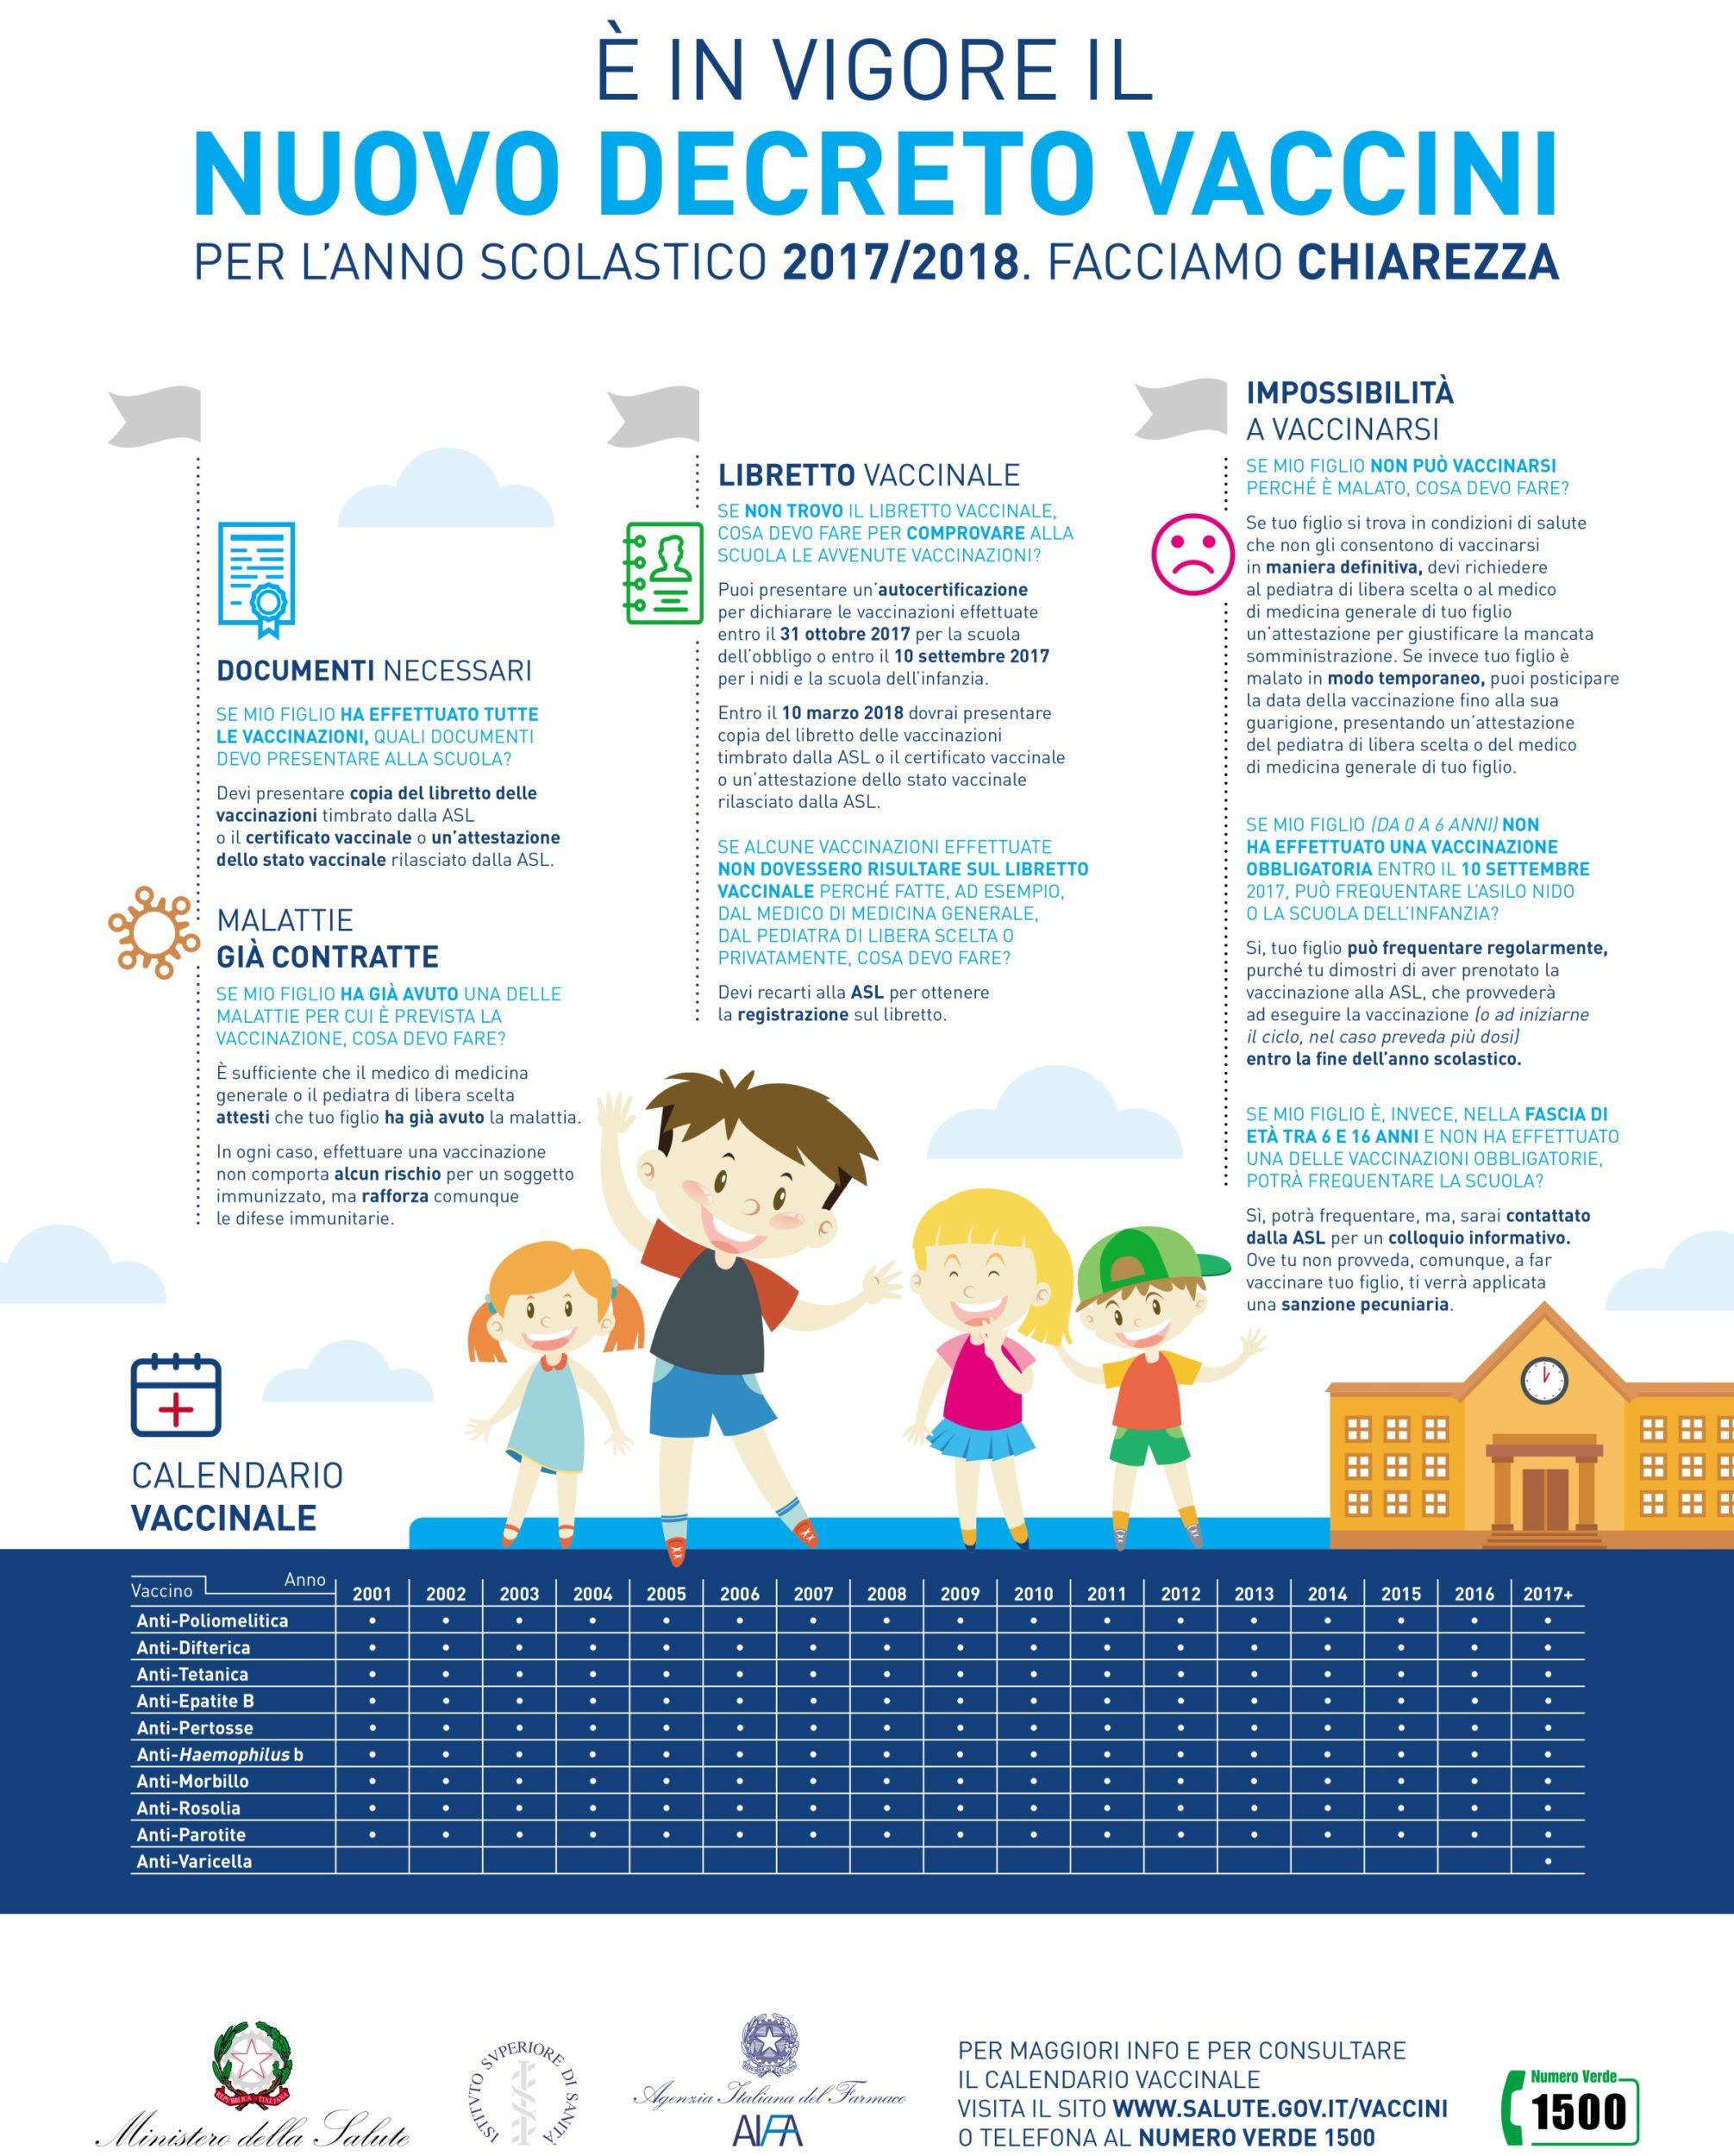 opuscolo-vaccini-Ministero